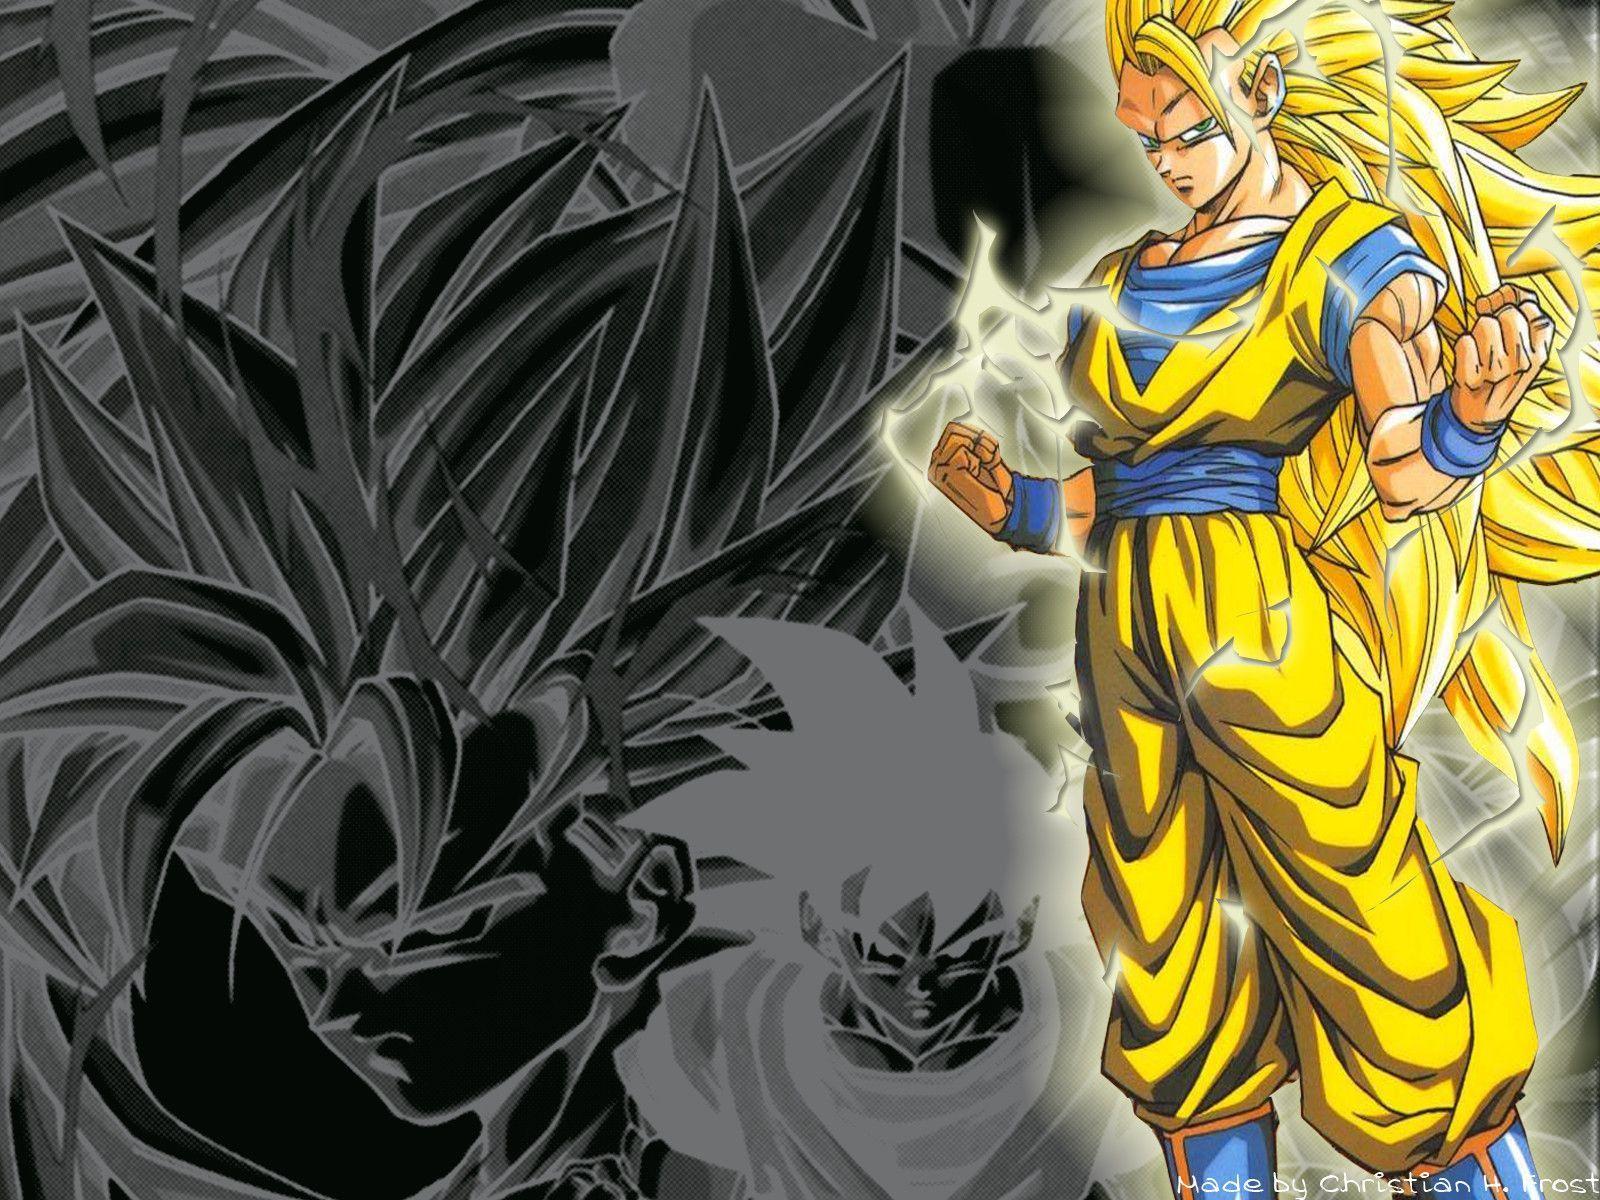 dragon ball z hd wallpapers download - sf wallpaper